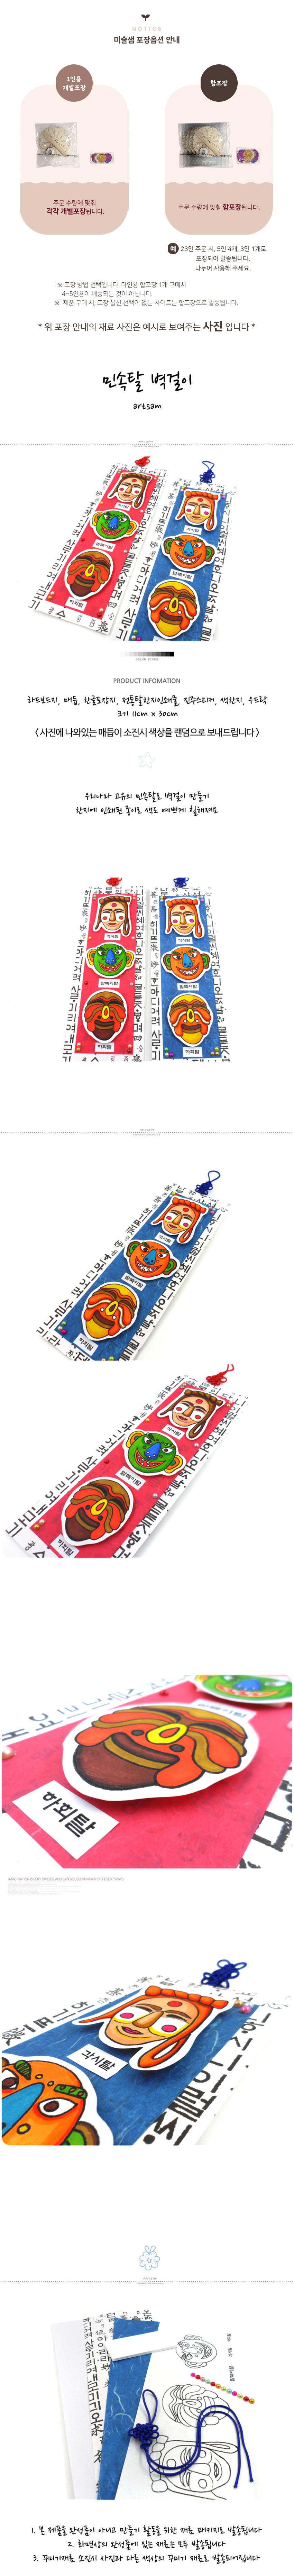 민속탈 벽걸이 5인용 - 미술샘, 8,000원, 종이공예/북아트, 종이공예 패키지